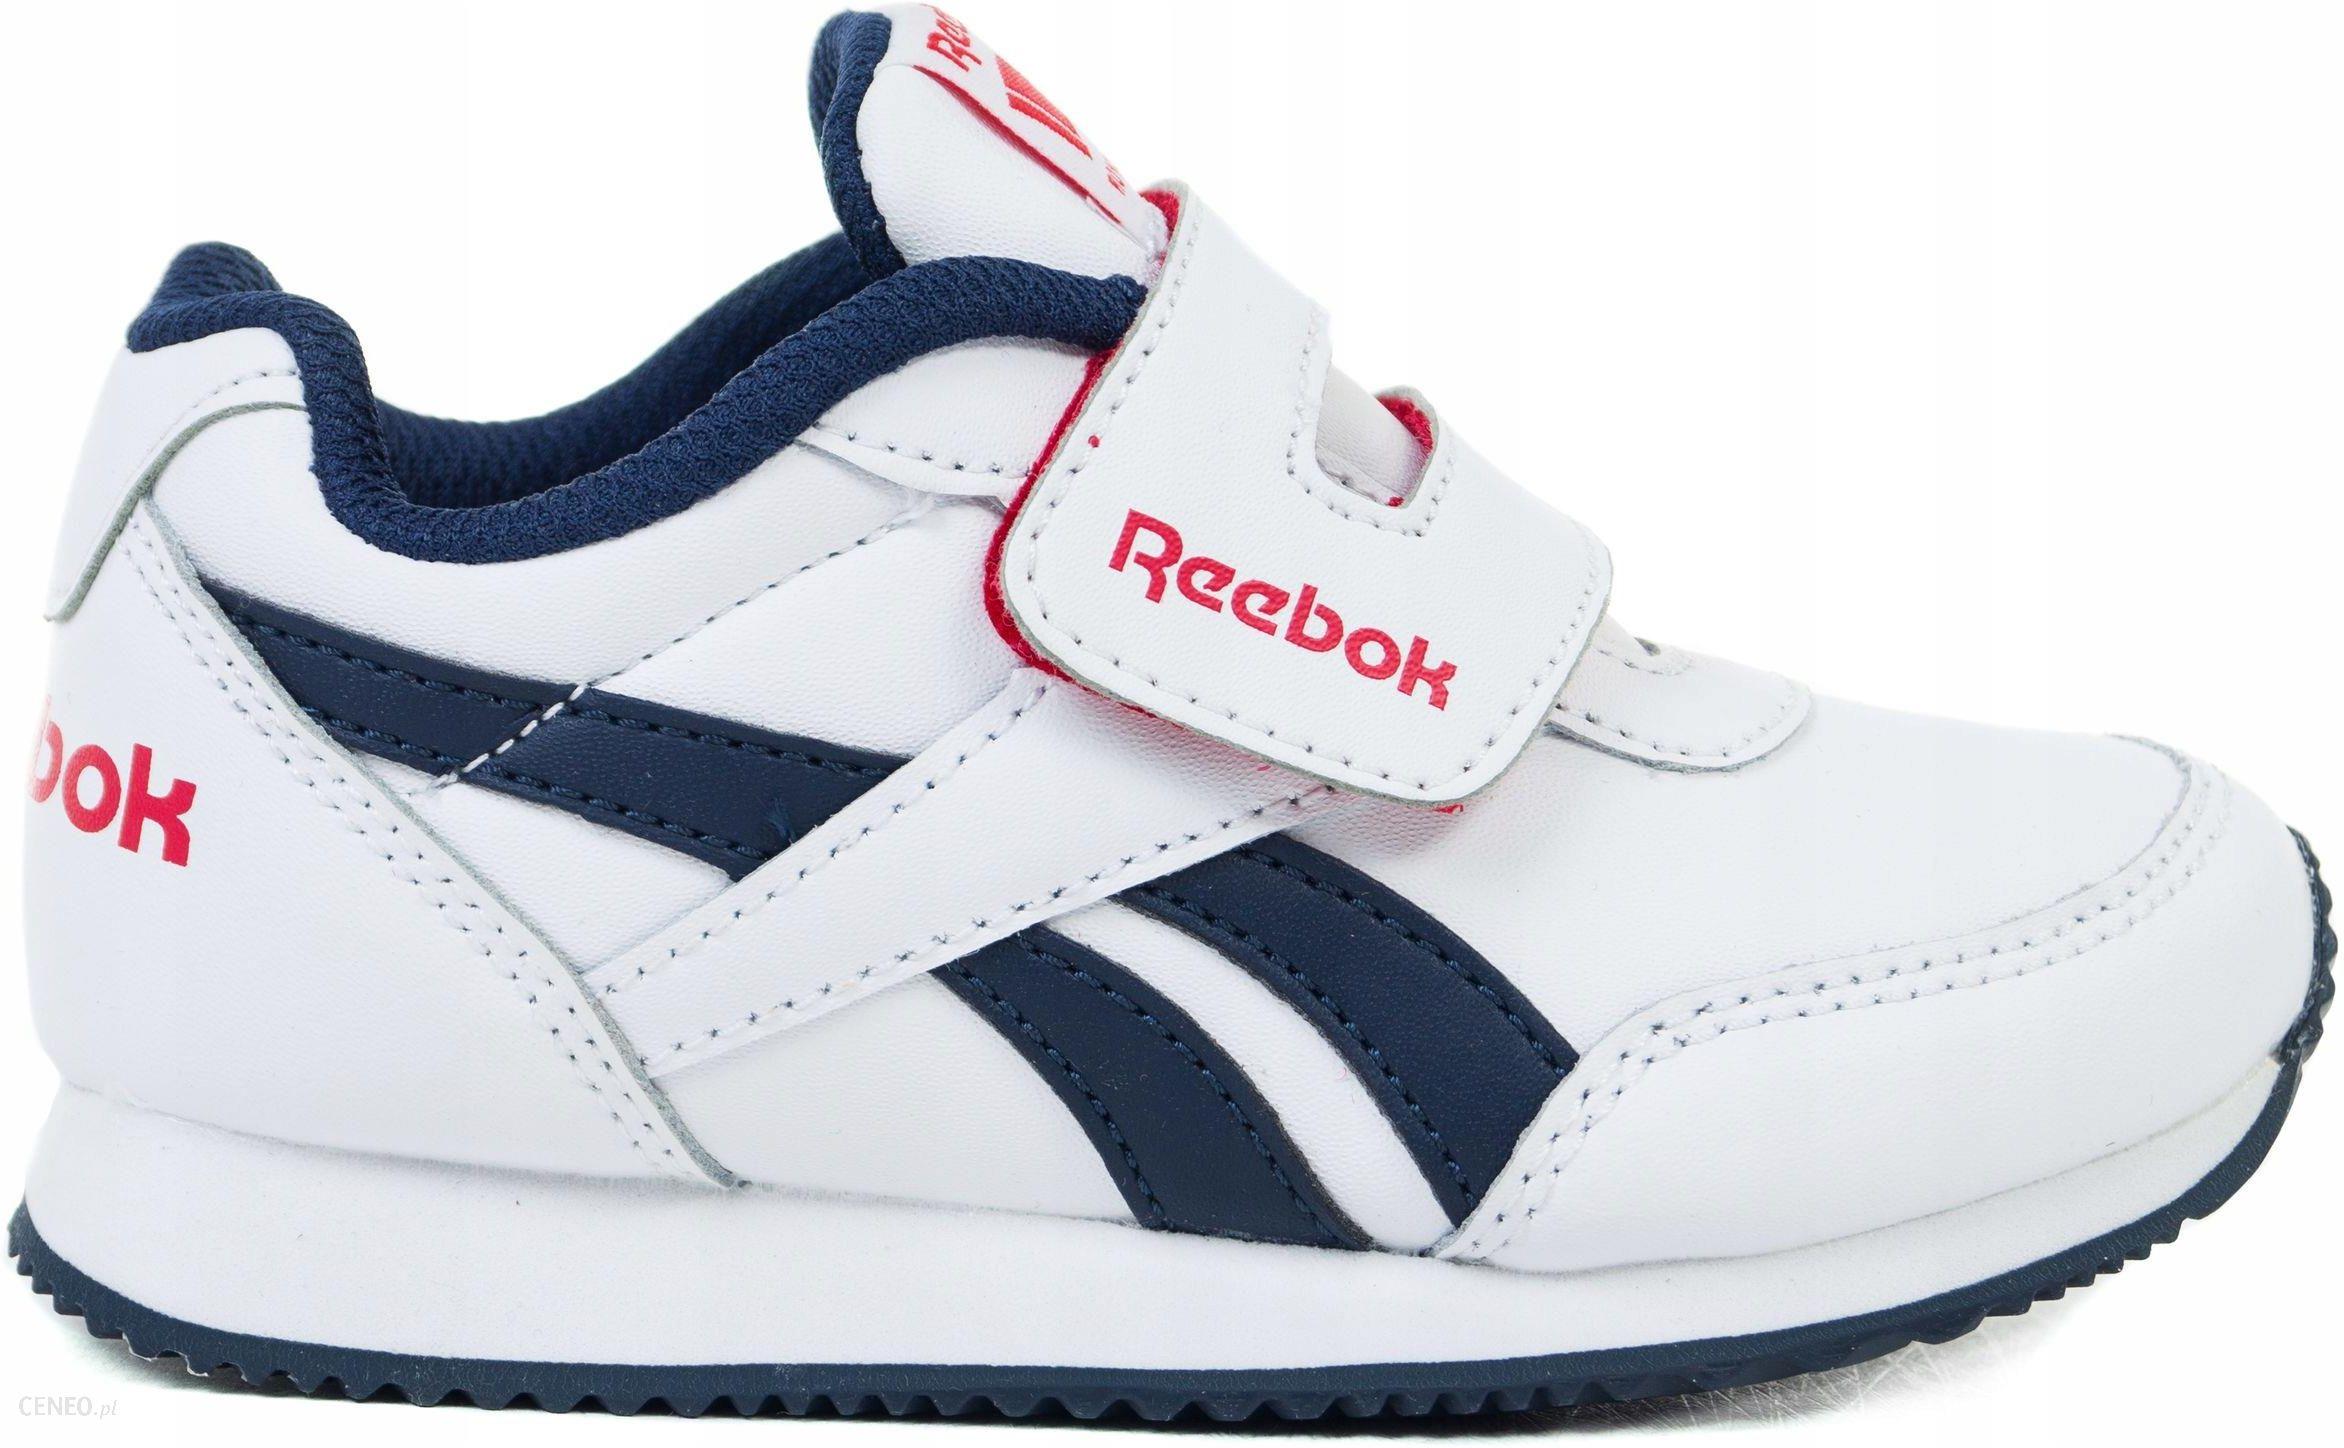 adidasy dzieciece firmy Reebok rozmiar 25